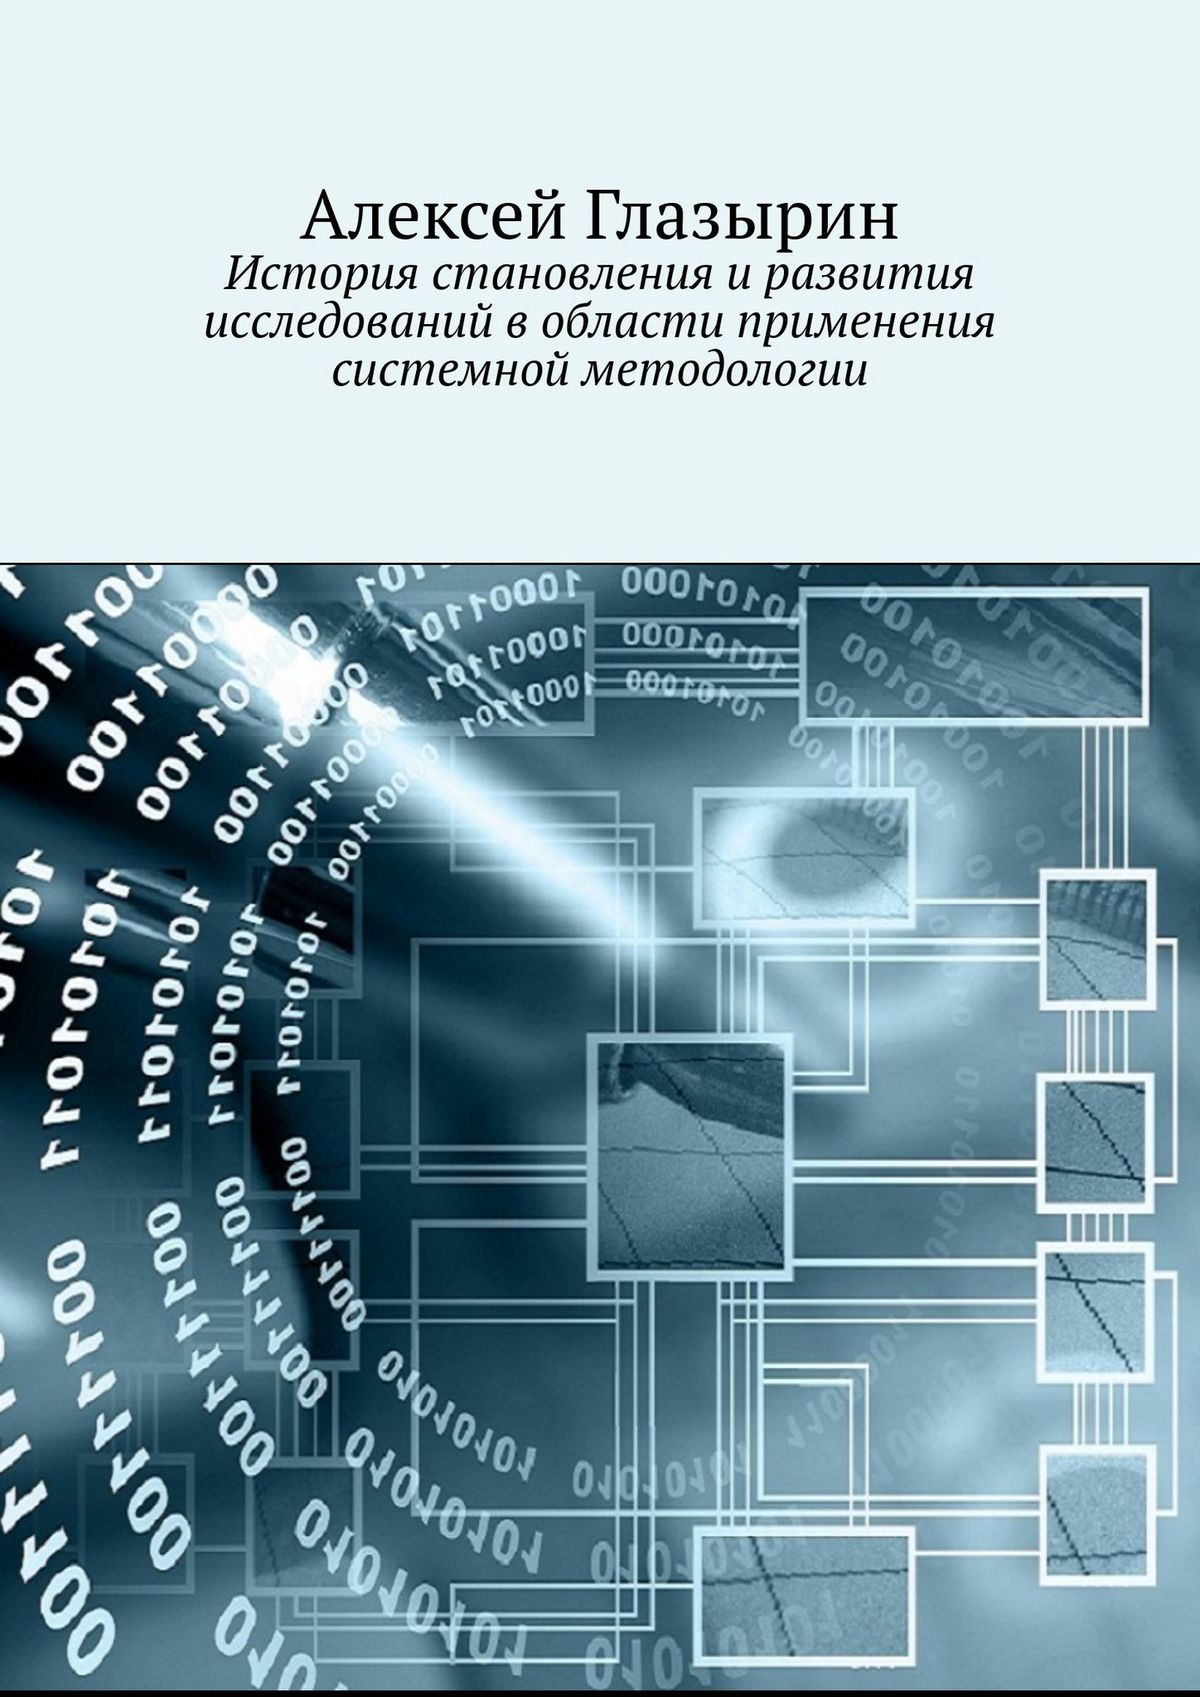 История становления иразвития исследований вобласти применения системной методологии